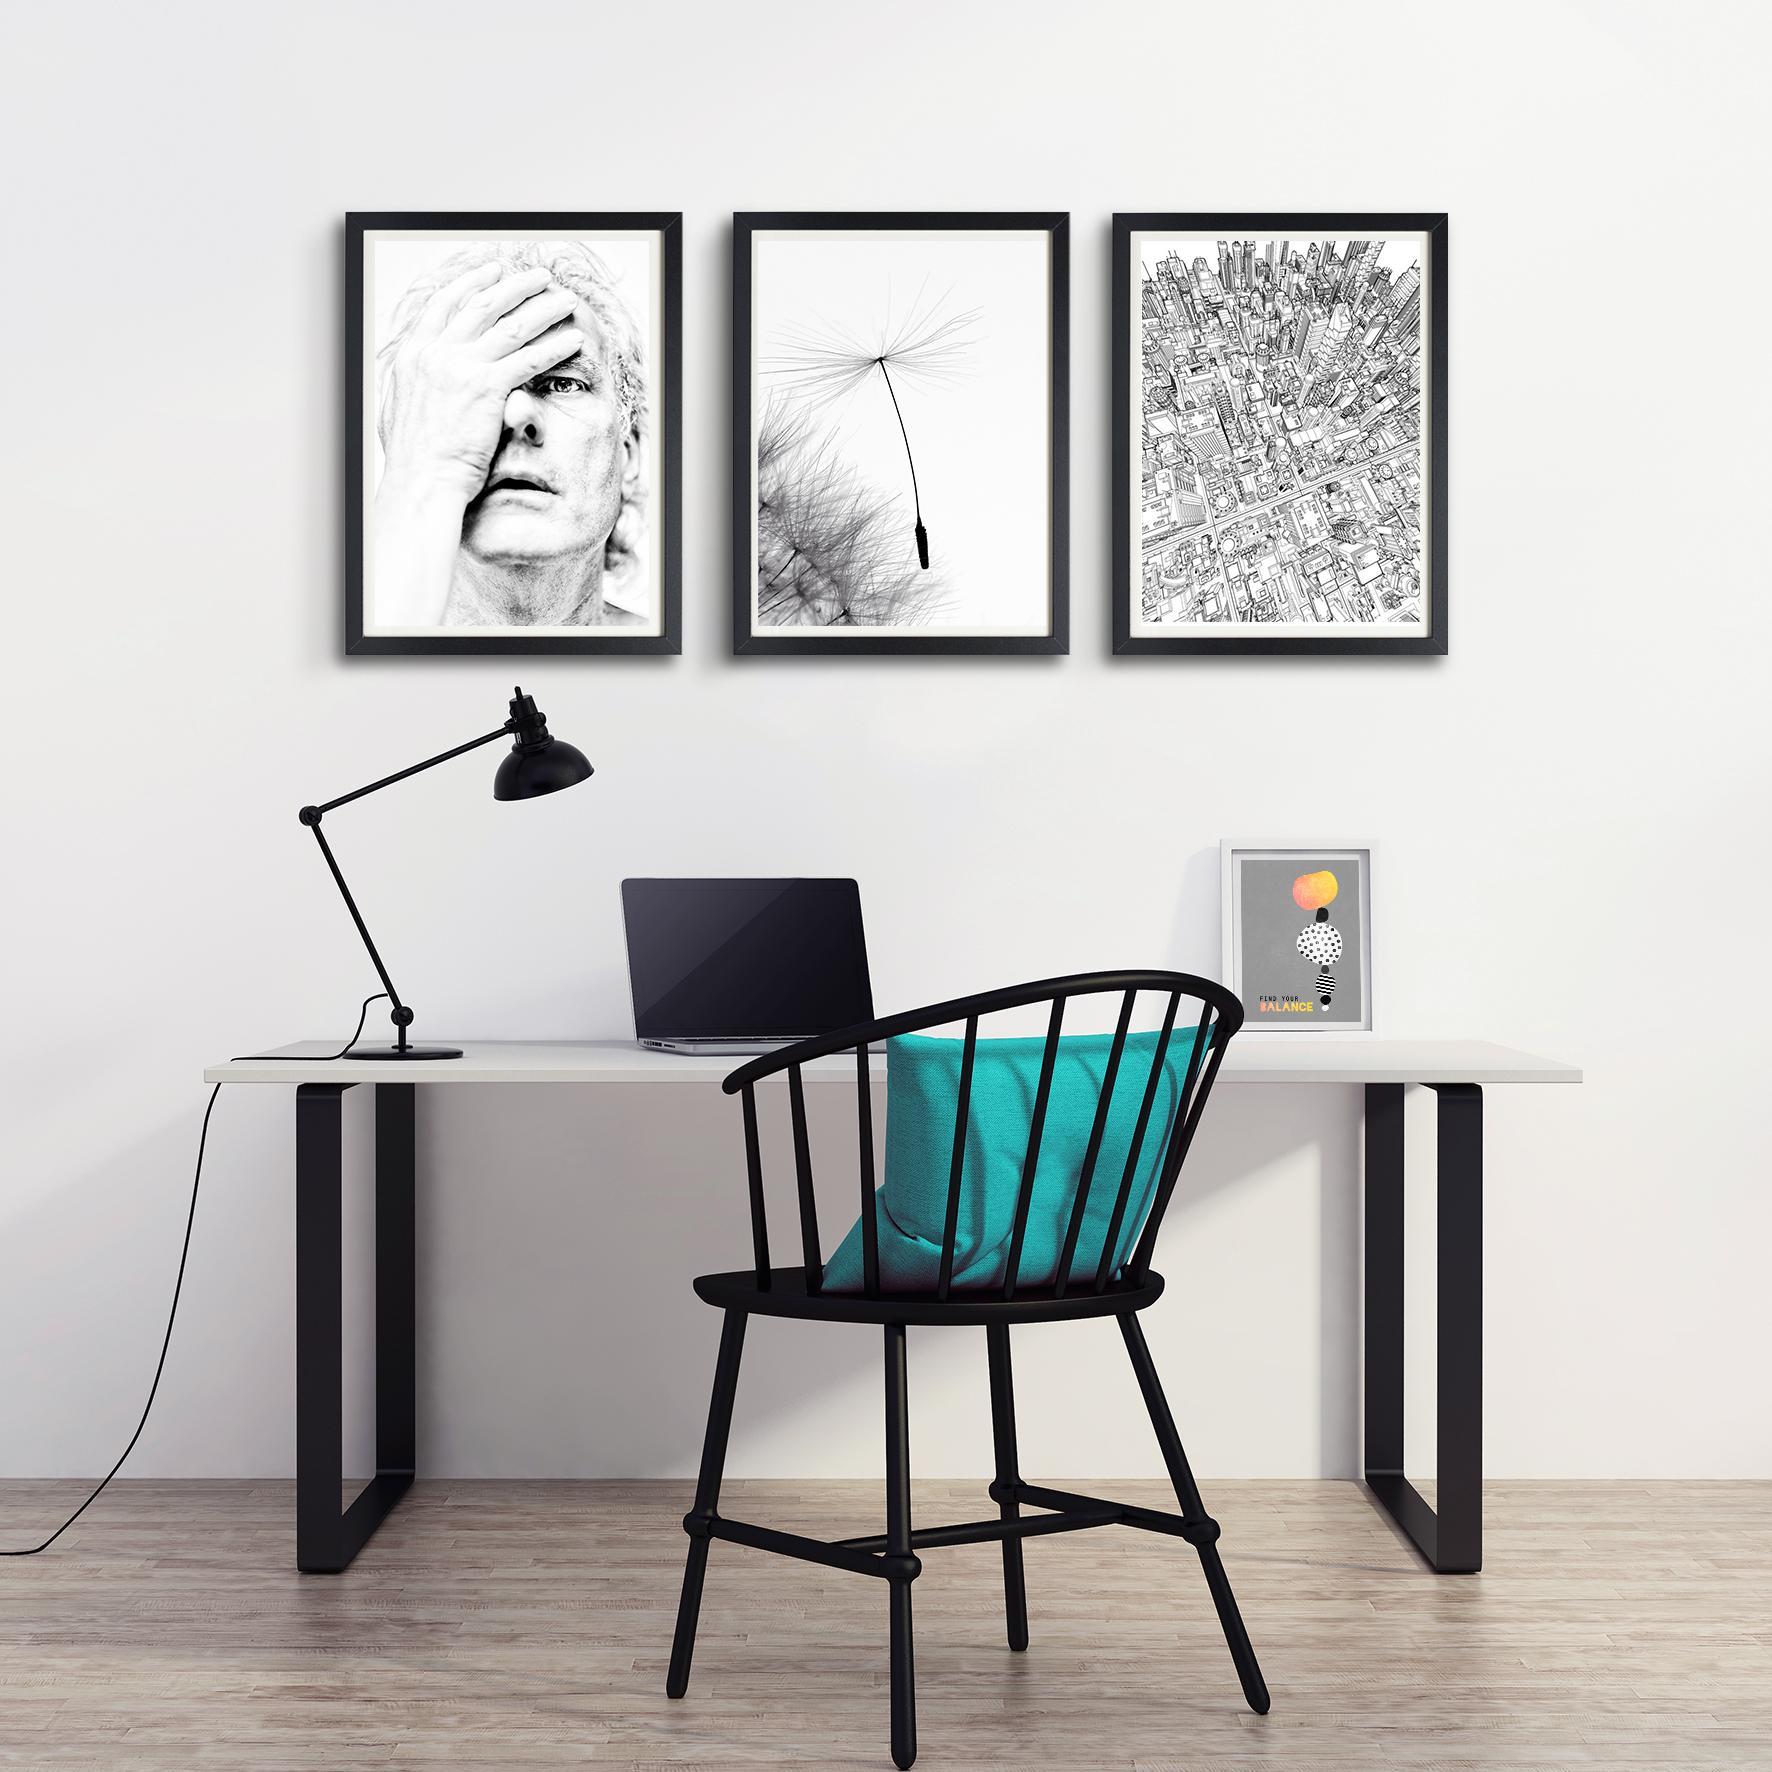 Bilder Aufhängen In Einer Reihe Büro Arbeitsplatz